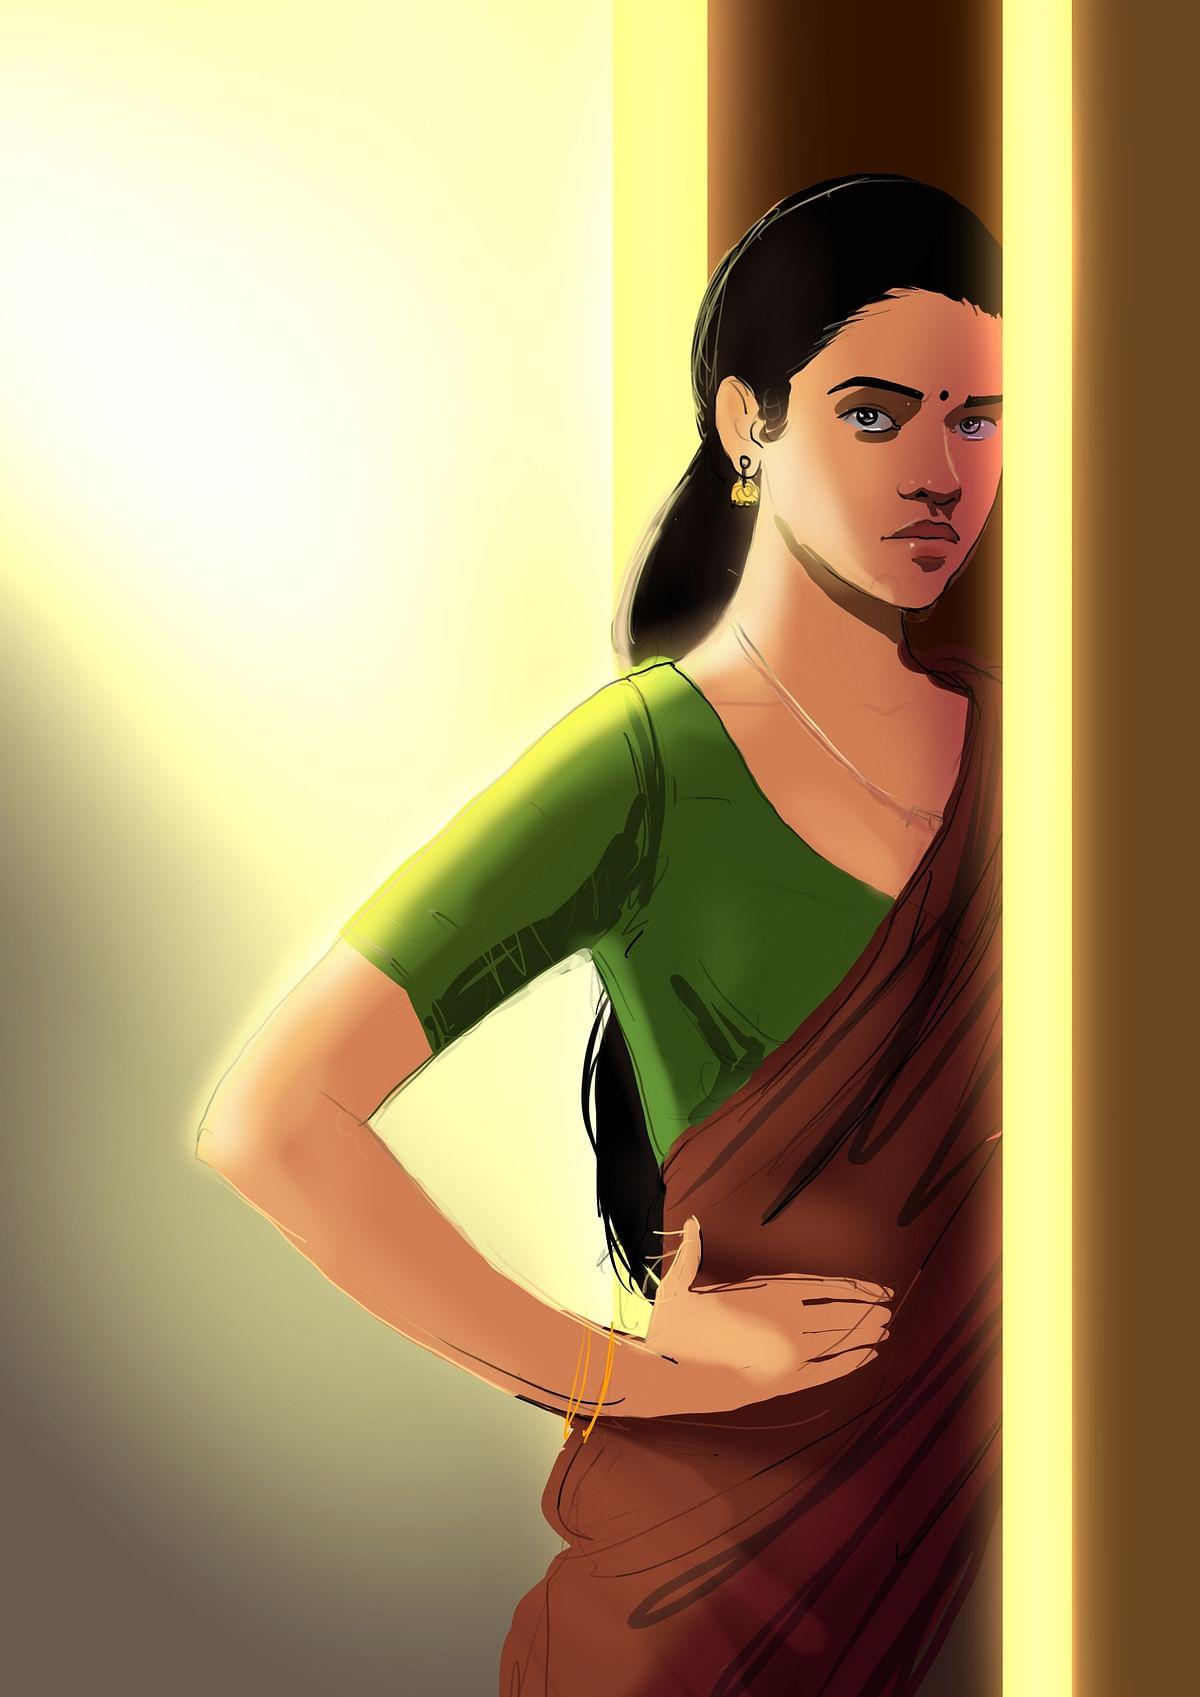 ஆந்தாலஜி கதைகள் - 1